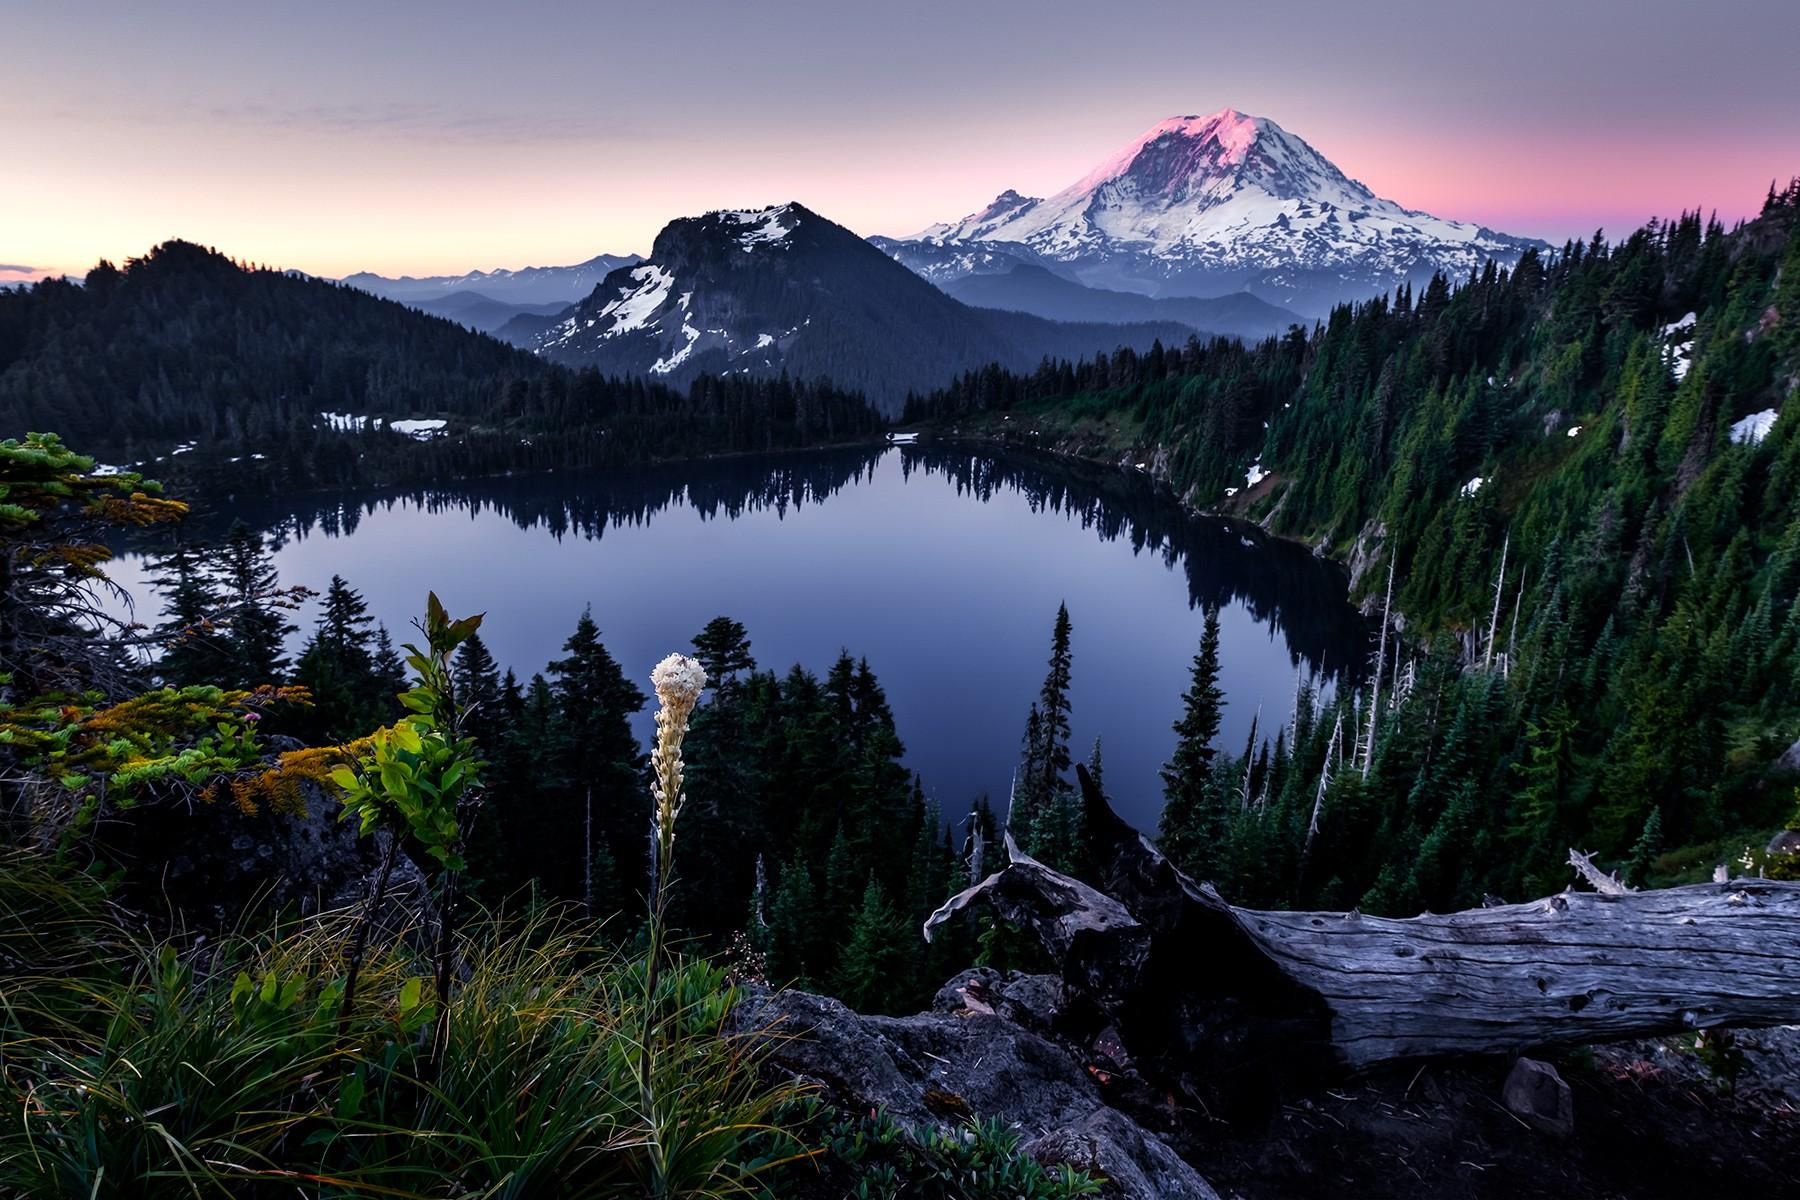 Ngắm nhìn 16 khung cảnh bình minh tuyệt đẹp trên khắp thế gian - Ảnh 17.